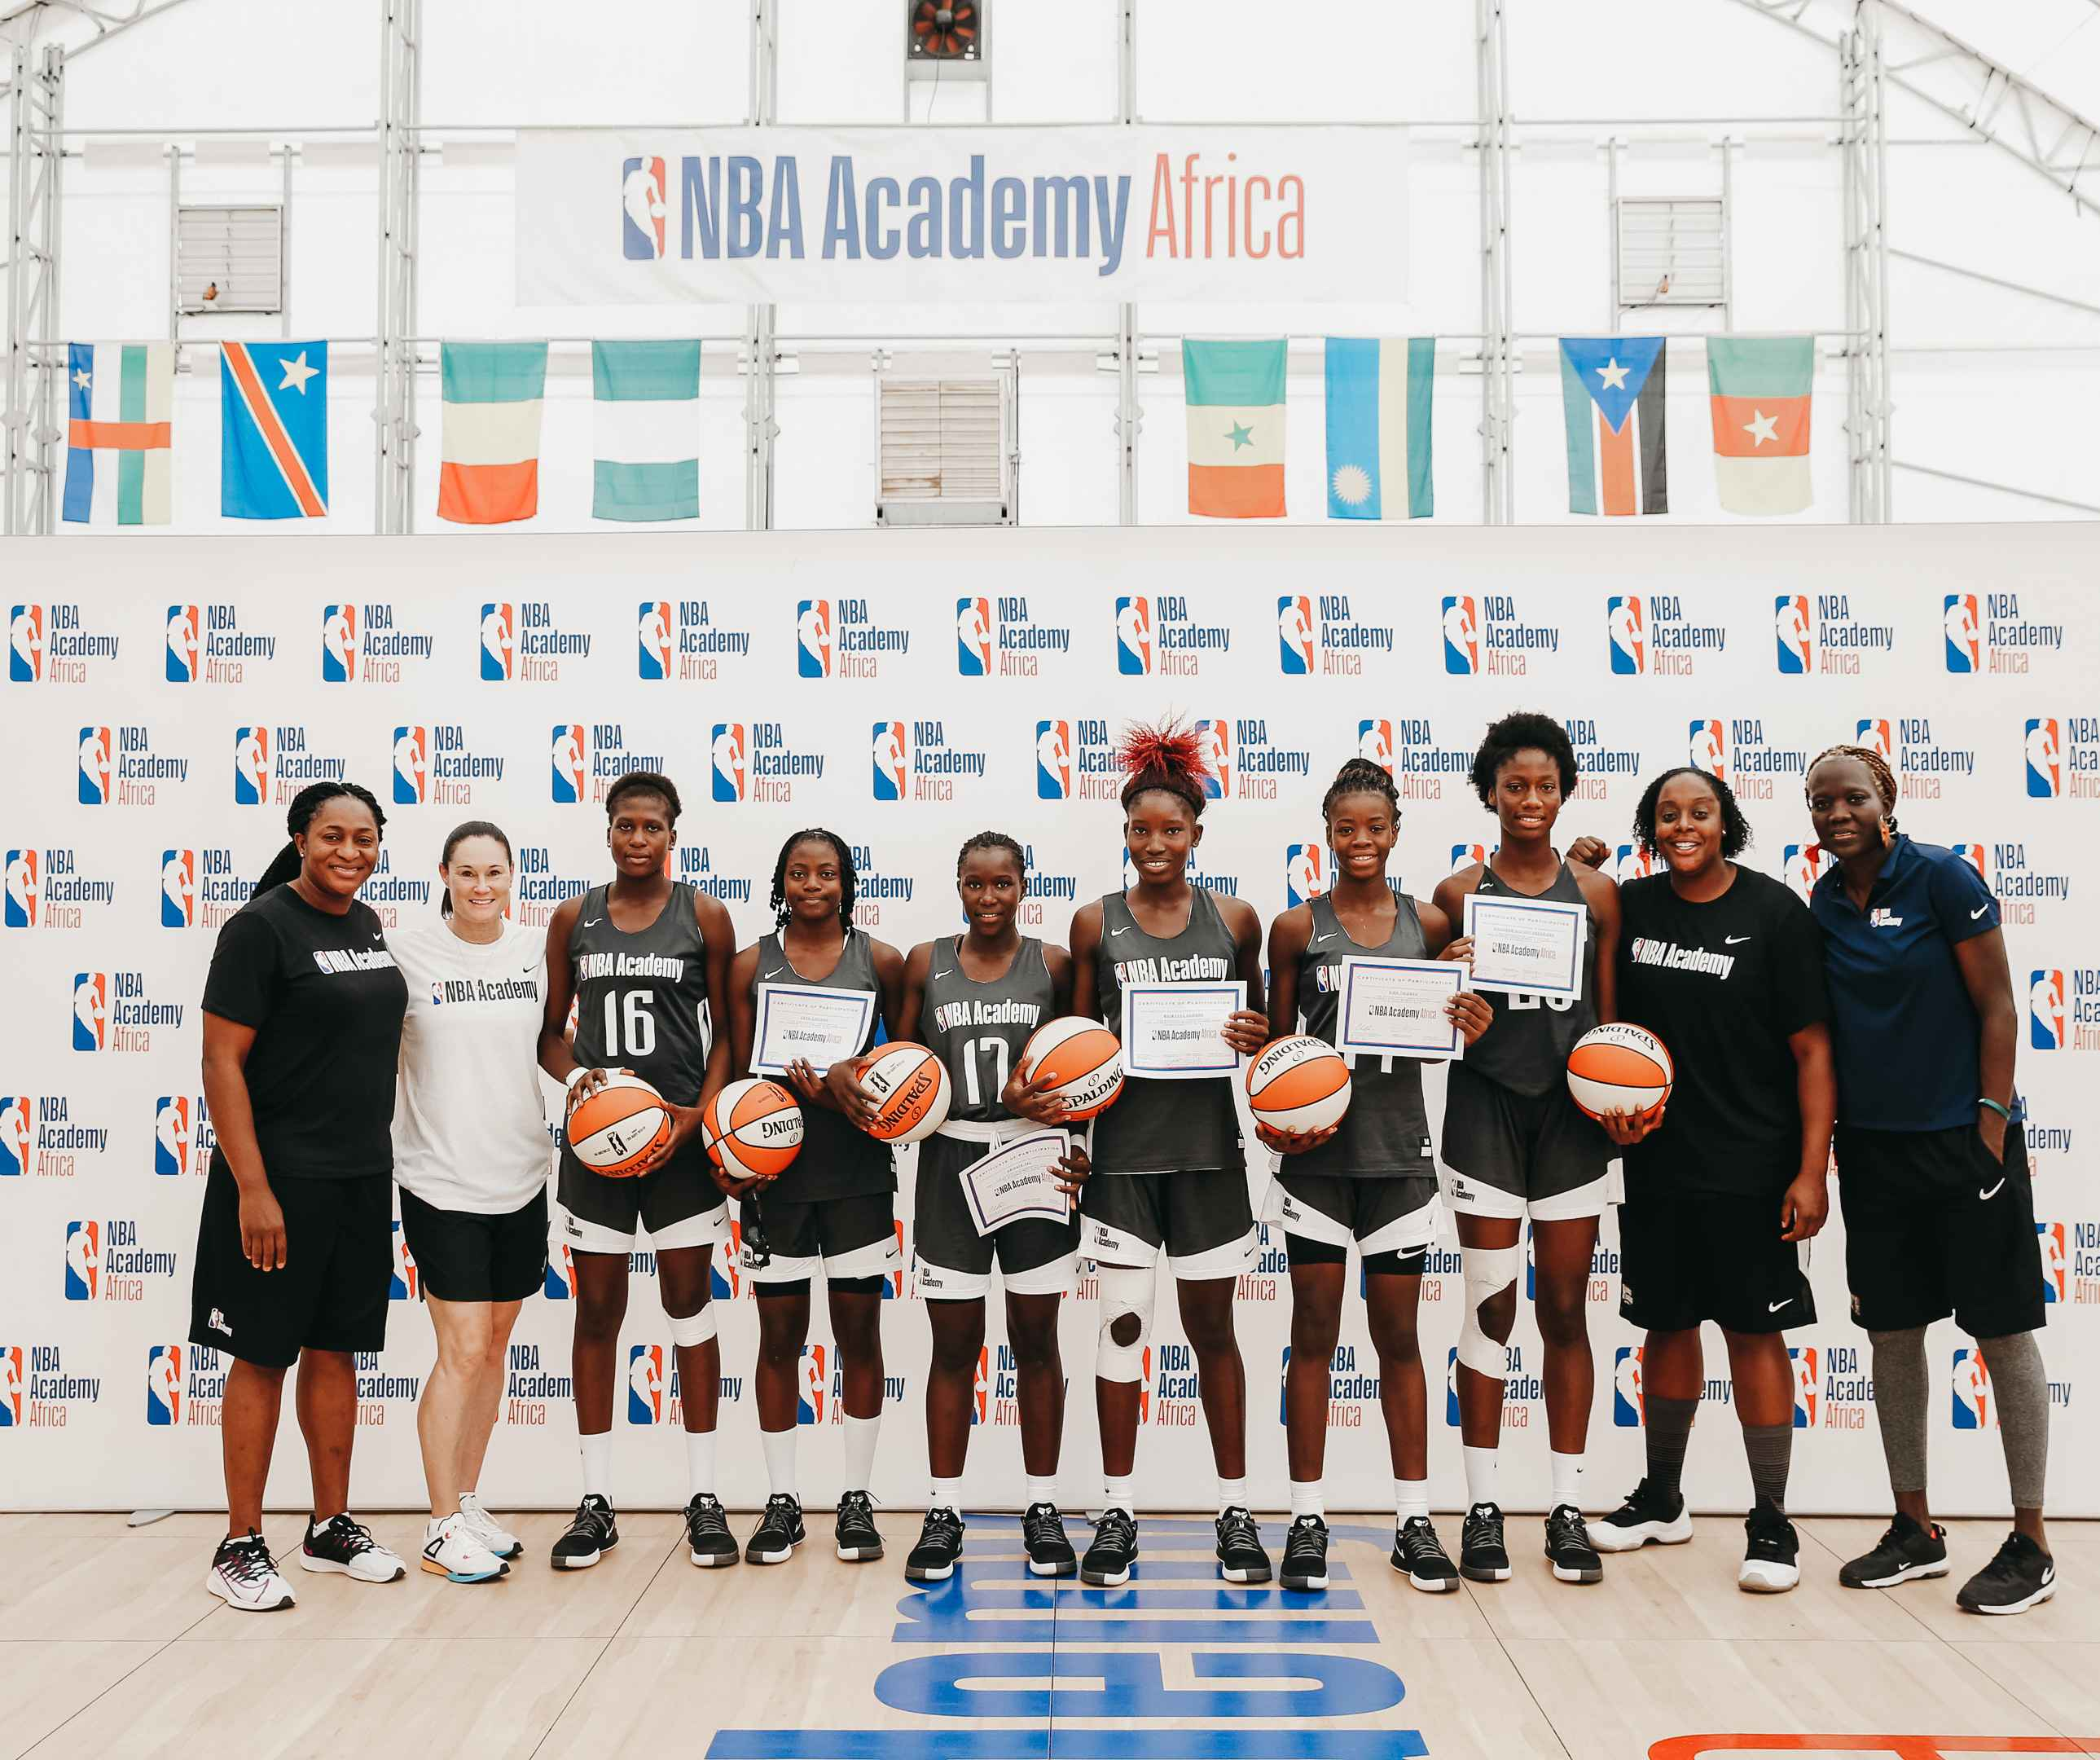 La ligue américaine de basket a de grands projets en Afrique. Avec un accent porté sur les basketteuses au cours des prochaines années, berceau de la WNBA.